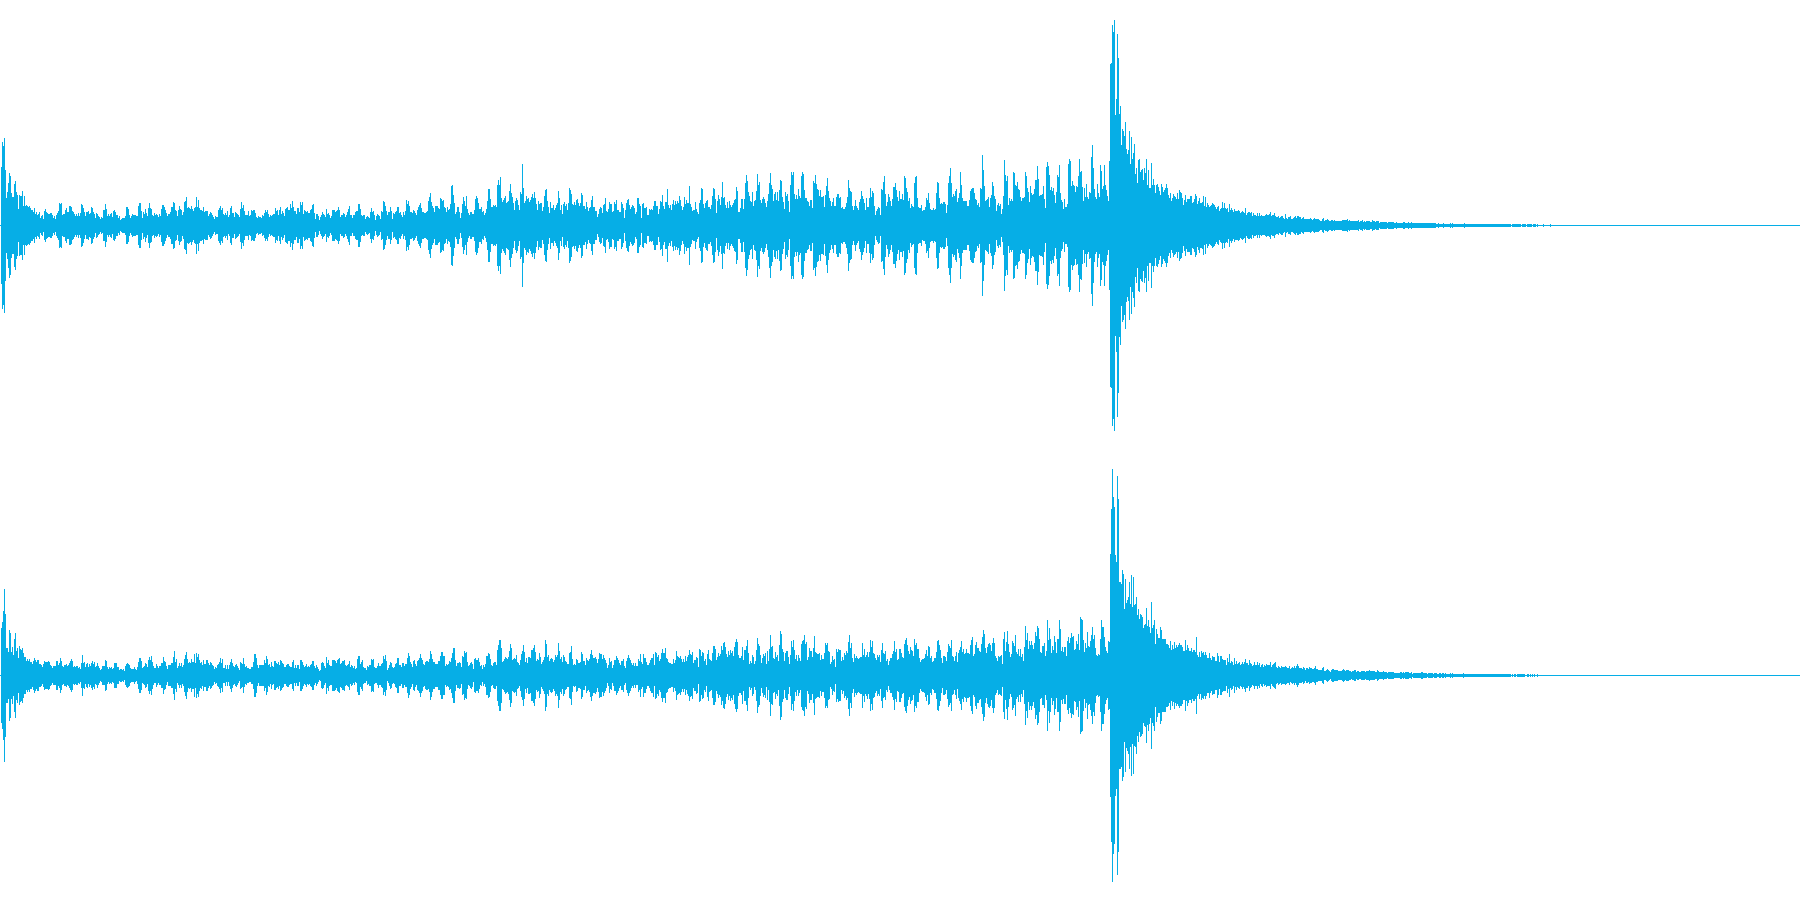 ティンパニーロール長+シンバル☆ドン3の再生済みの波形